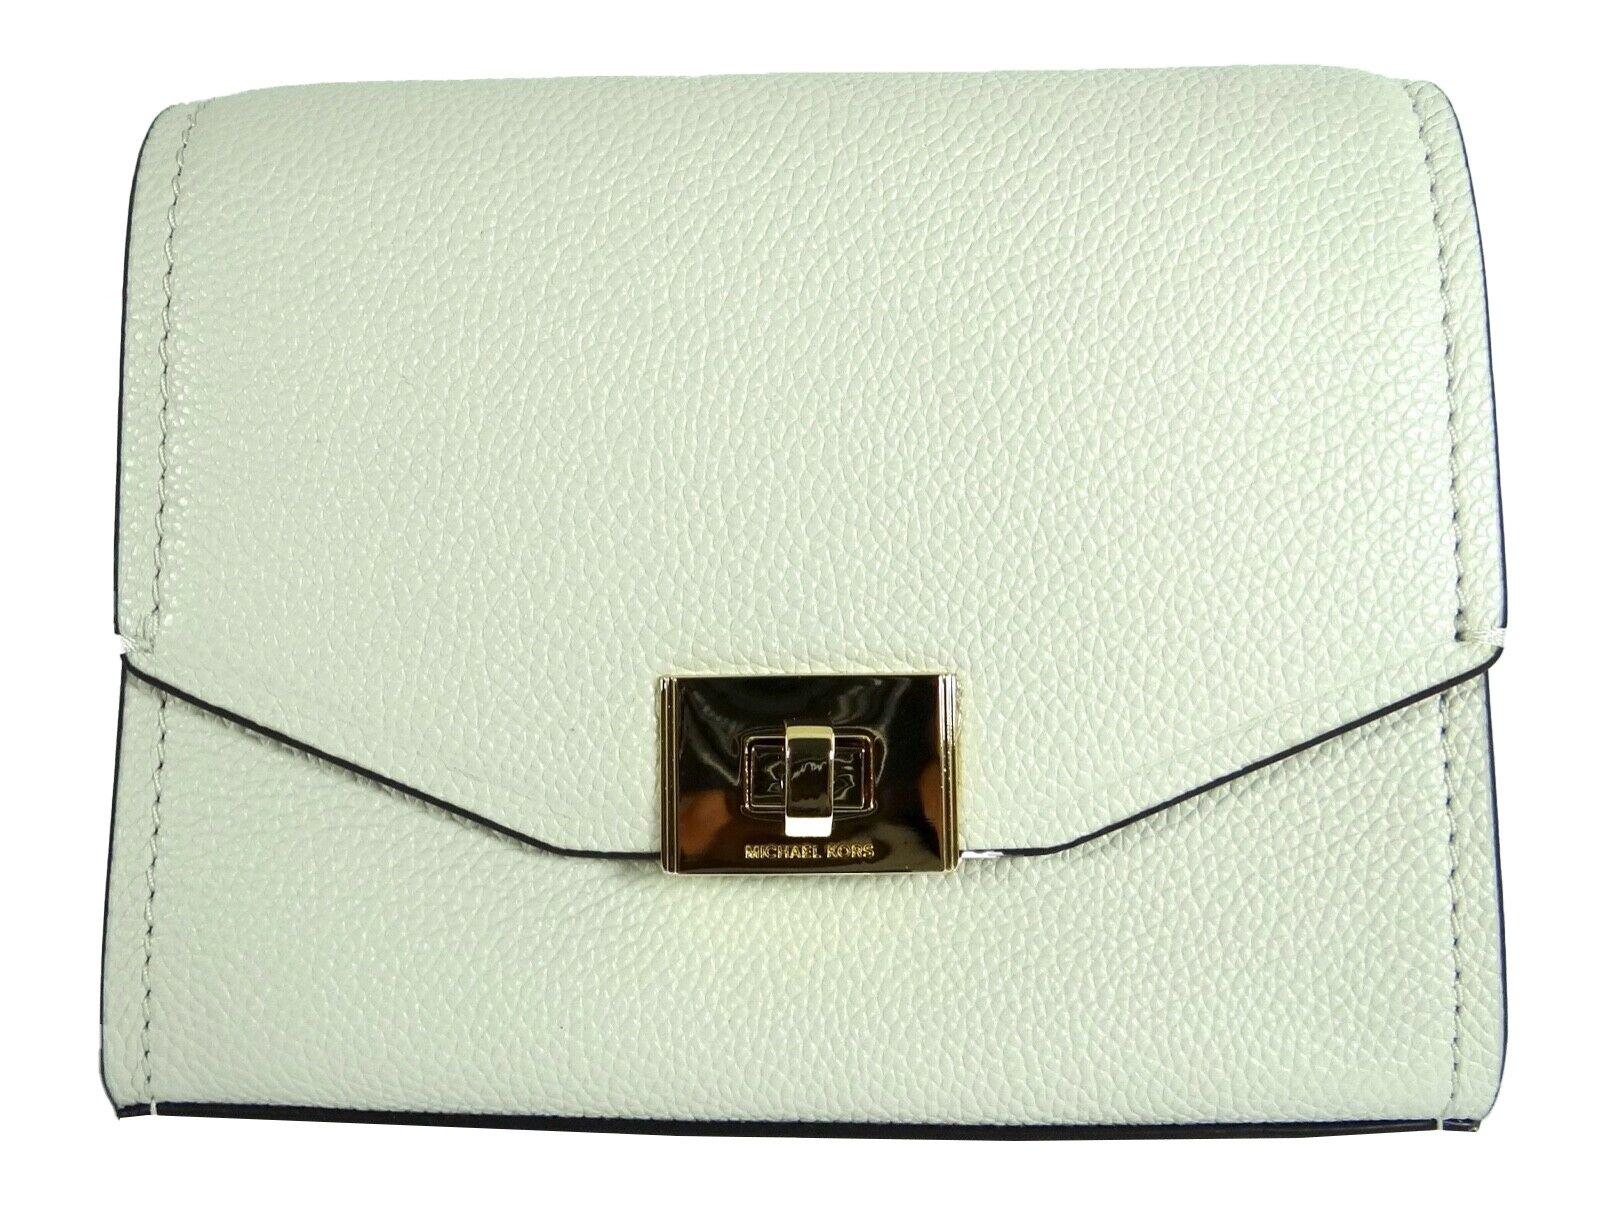 Michael Kors Women's Cassie Crossbody Bag White MK30363